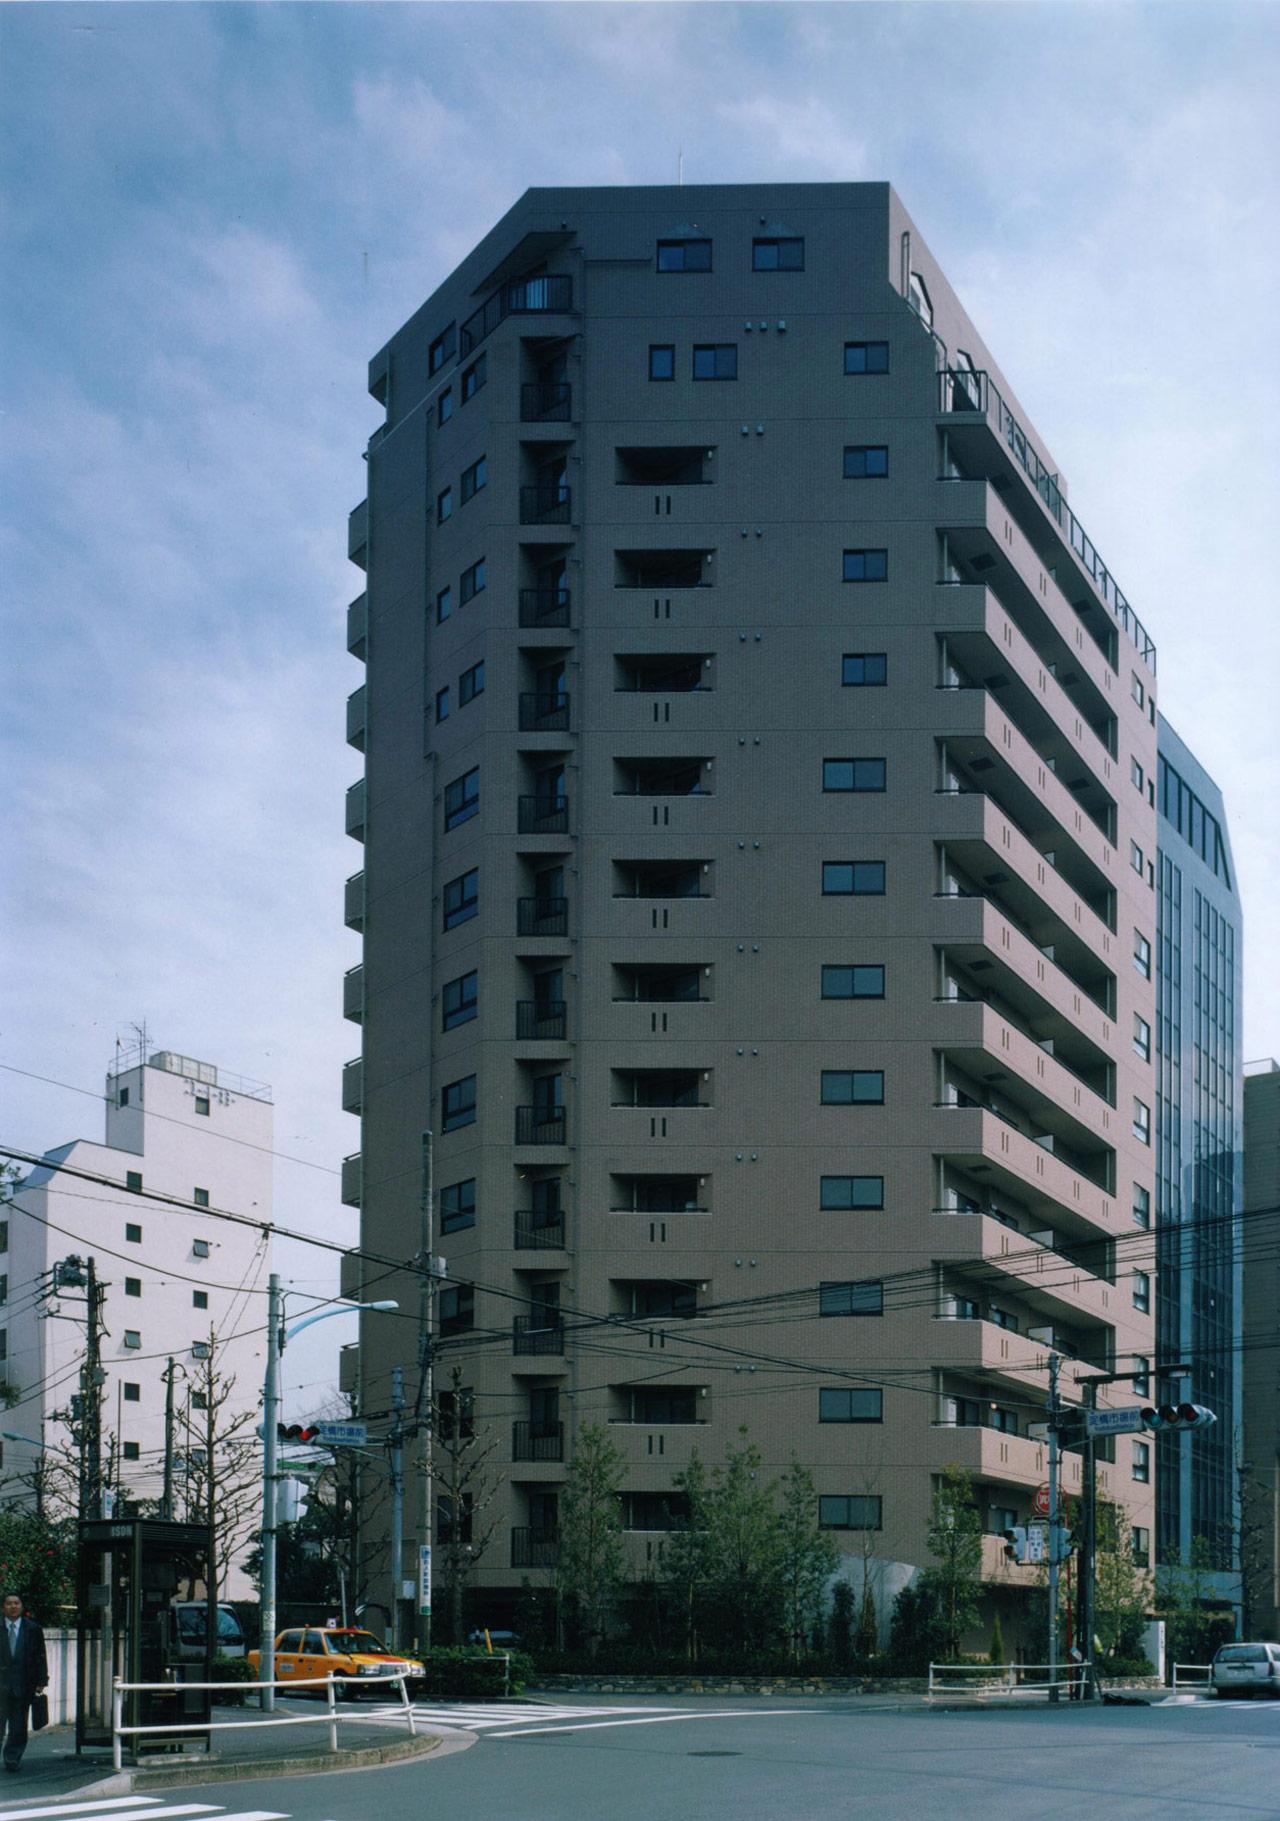 GREEN PARK 新宿の杜   マンションギャラリー